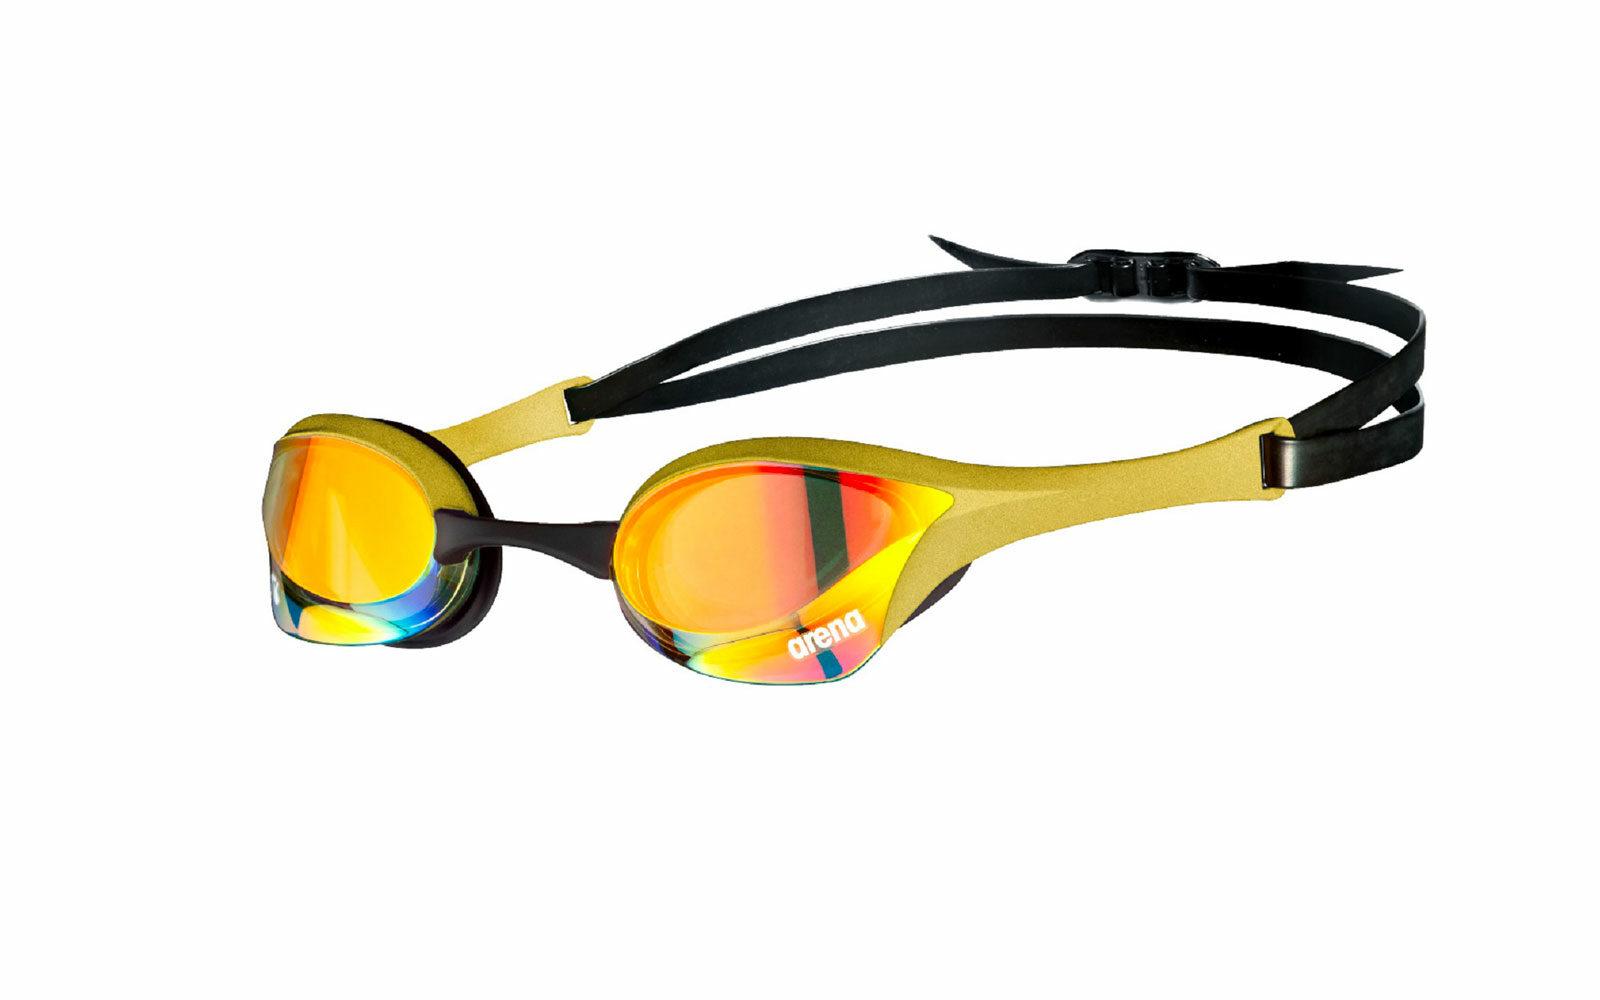 Per il NUOTO all'aperto, occhialini Arena Cobra Ultra Swipe anti UV, con innovativa tecnologia antiappannamento: basta bagnarli e strofinarli con un dito per mantenerli trasparenti più a lungo. Da euro 69,95.